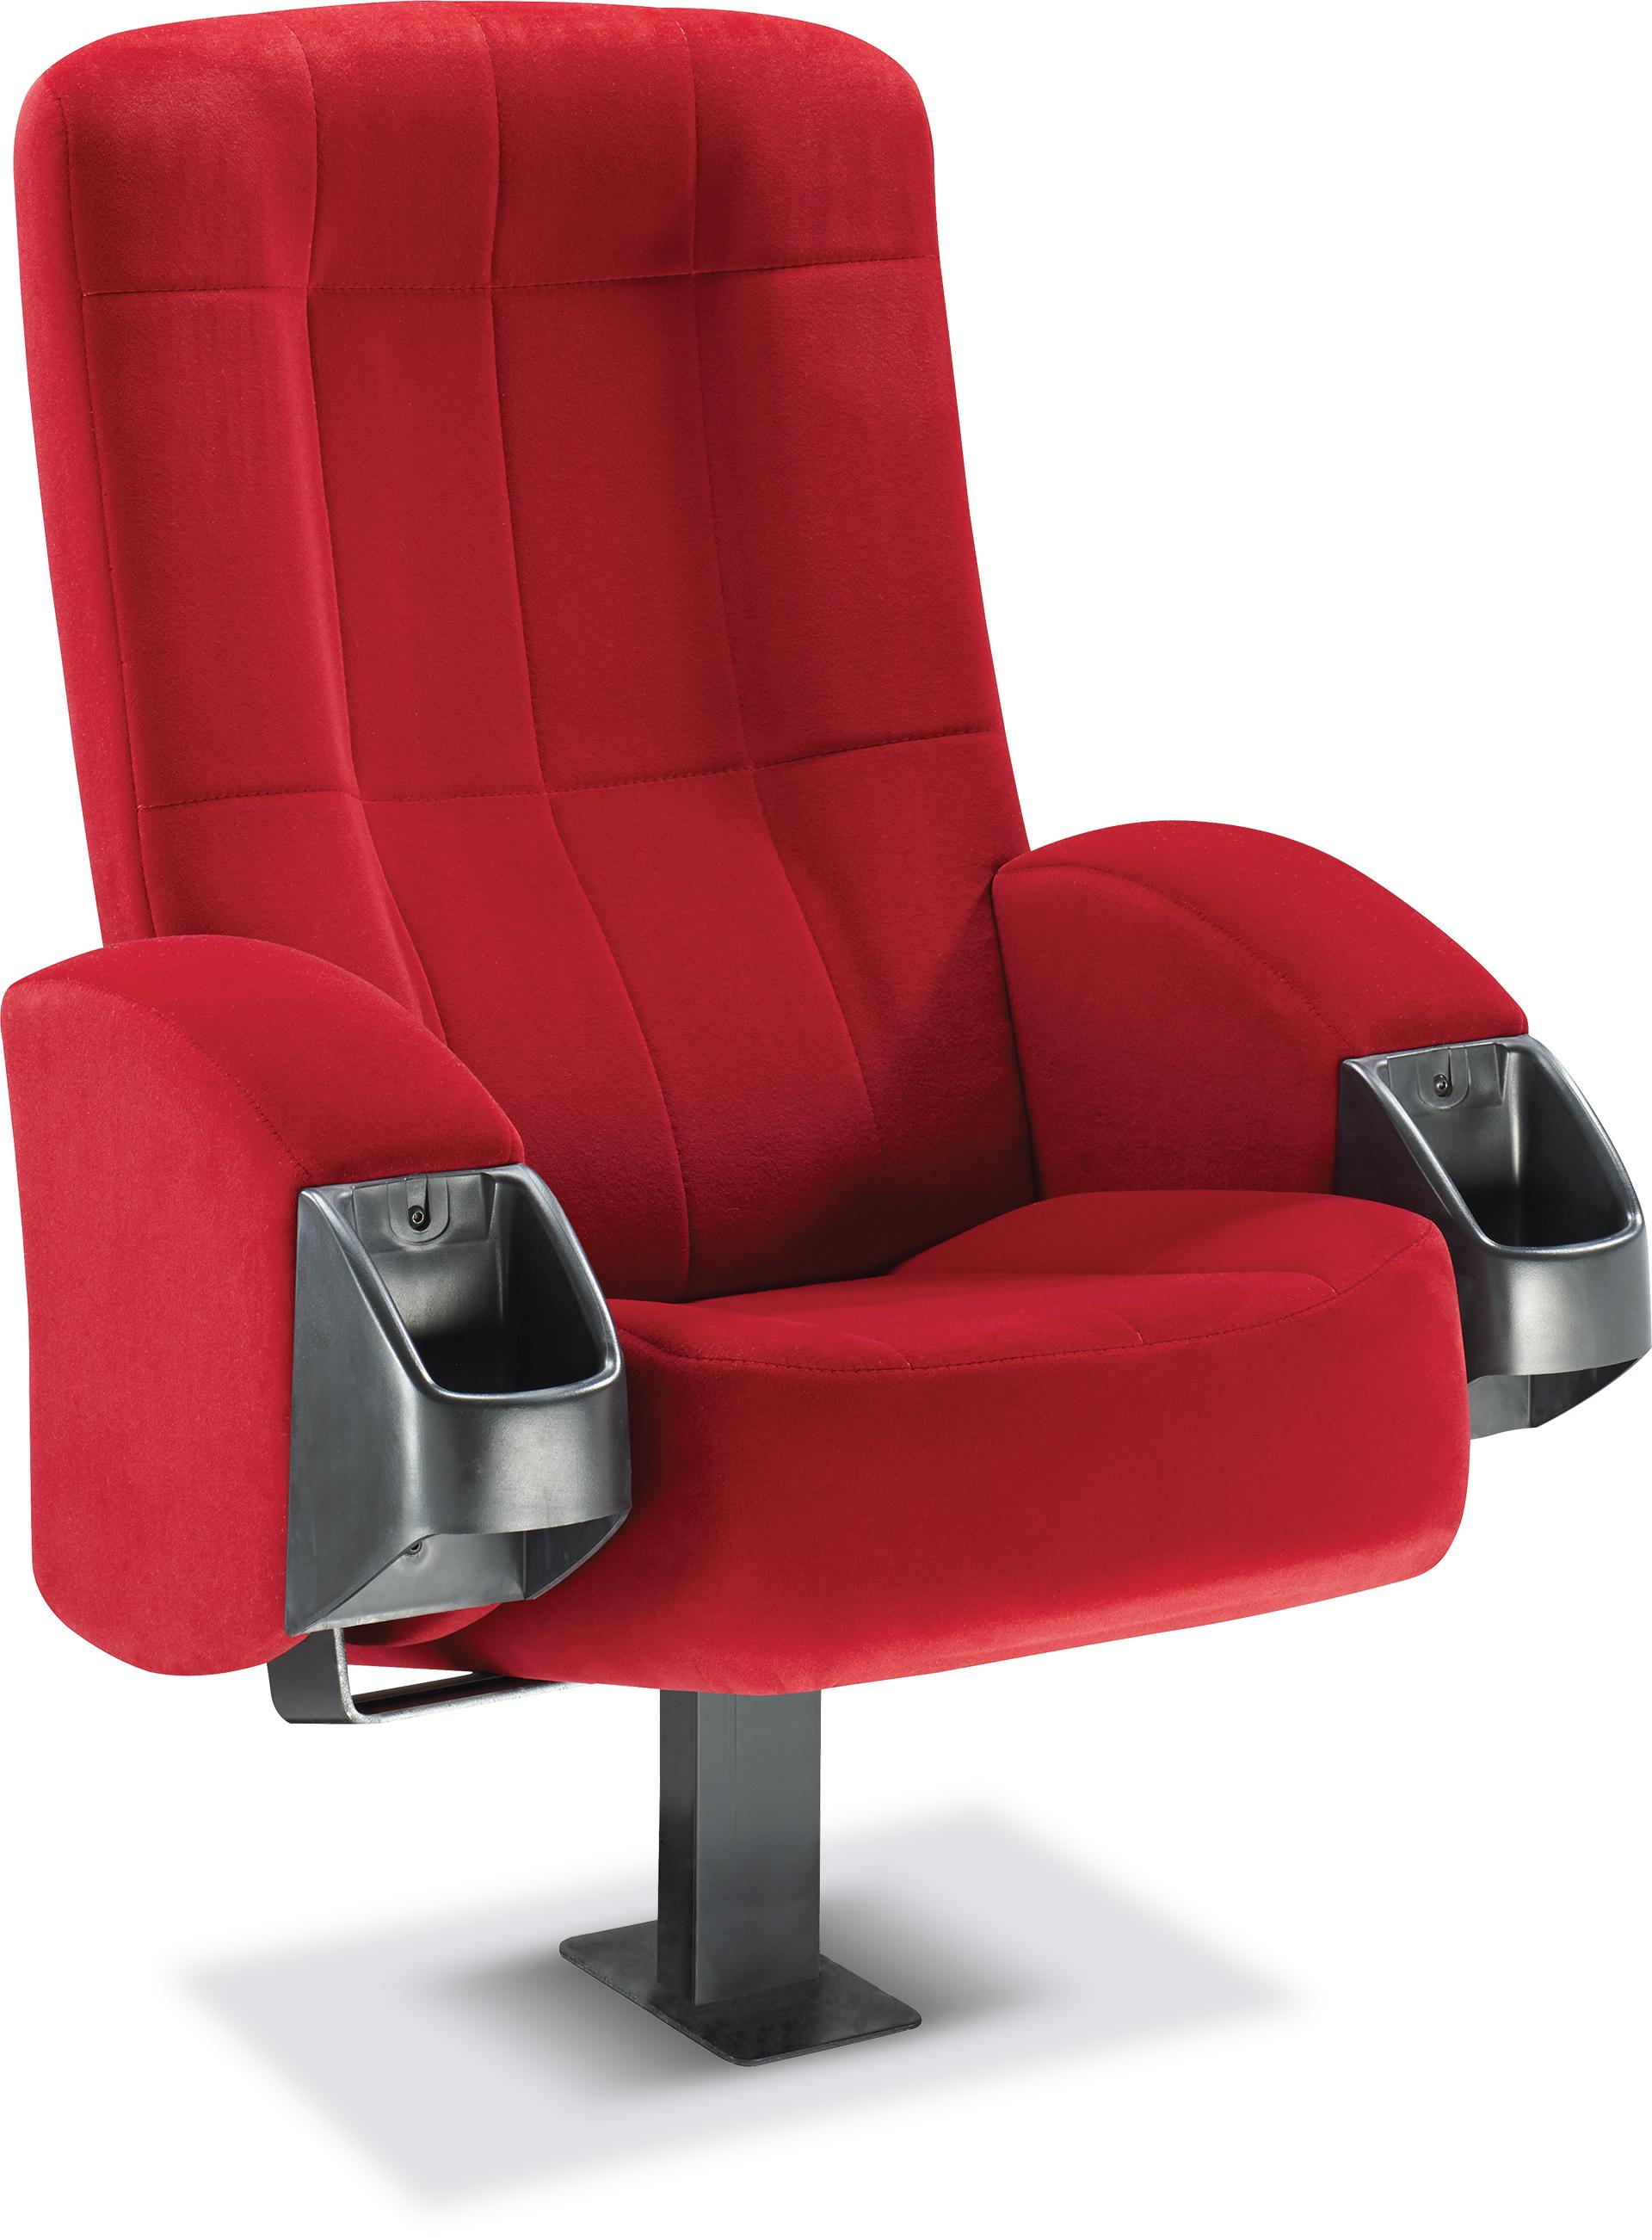 kleslo fauteuils fixes club et lm d tails et fiche. Black Bedroom Furniture Sets. Home Design Ideas